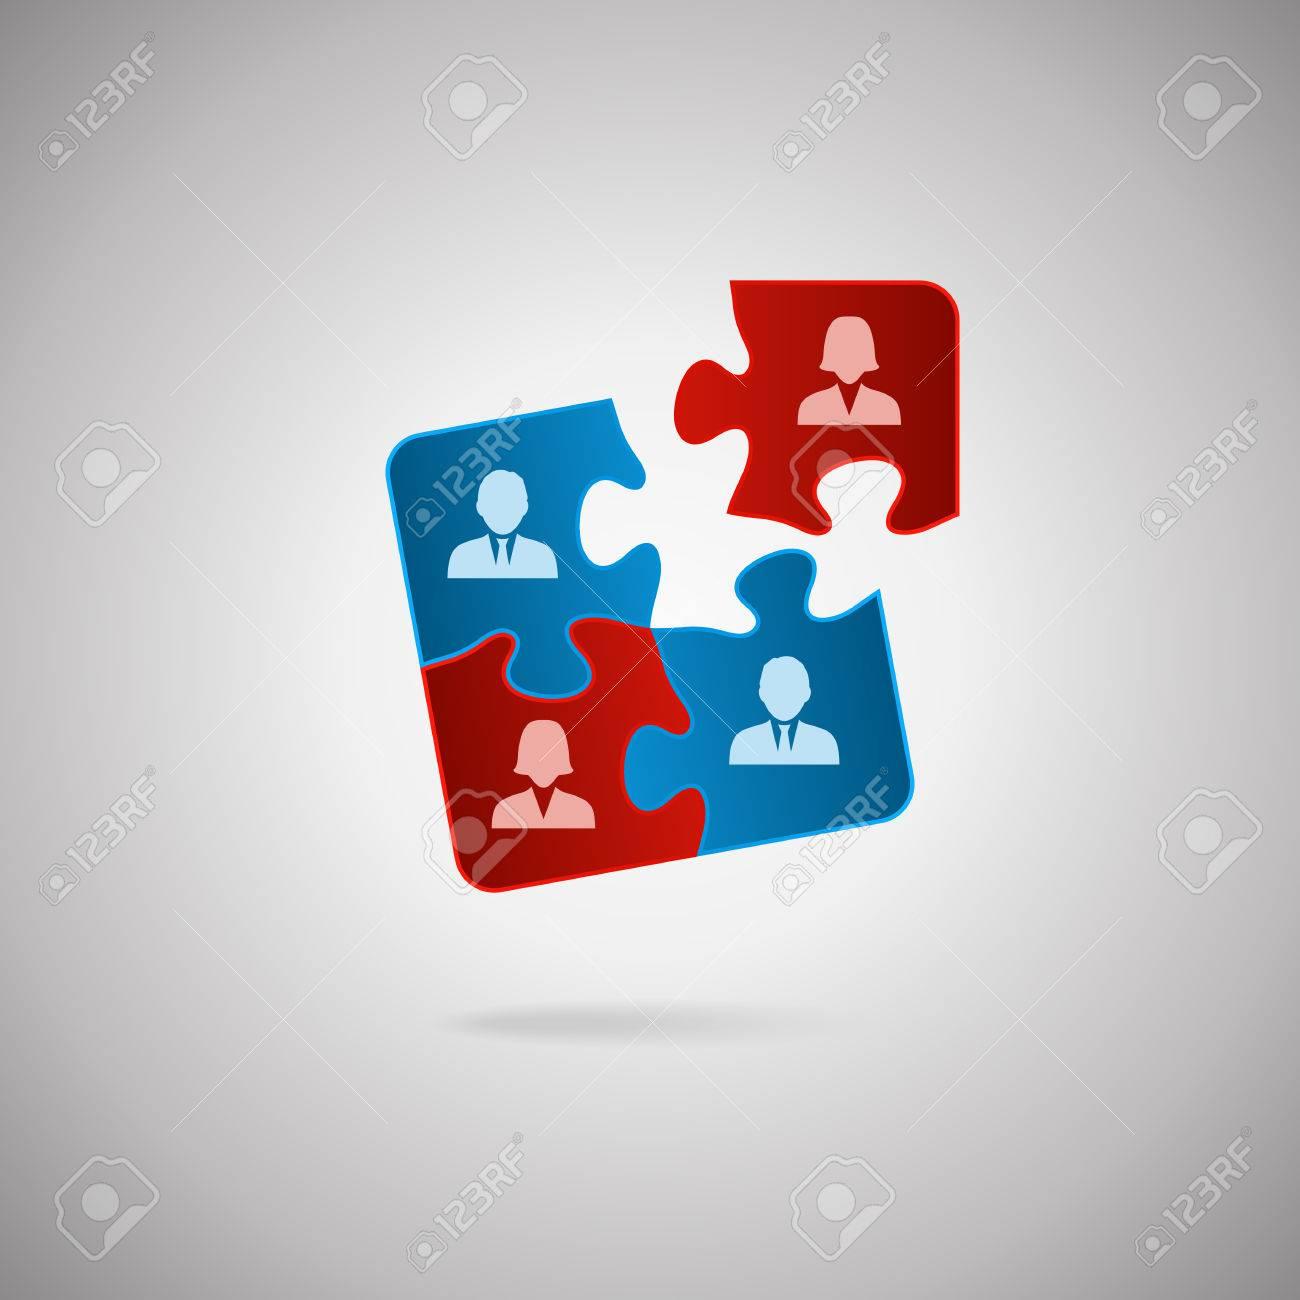 Business Team Logo Vector Business Team Human